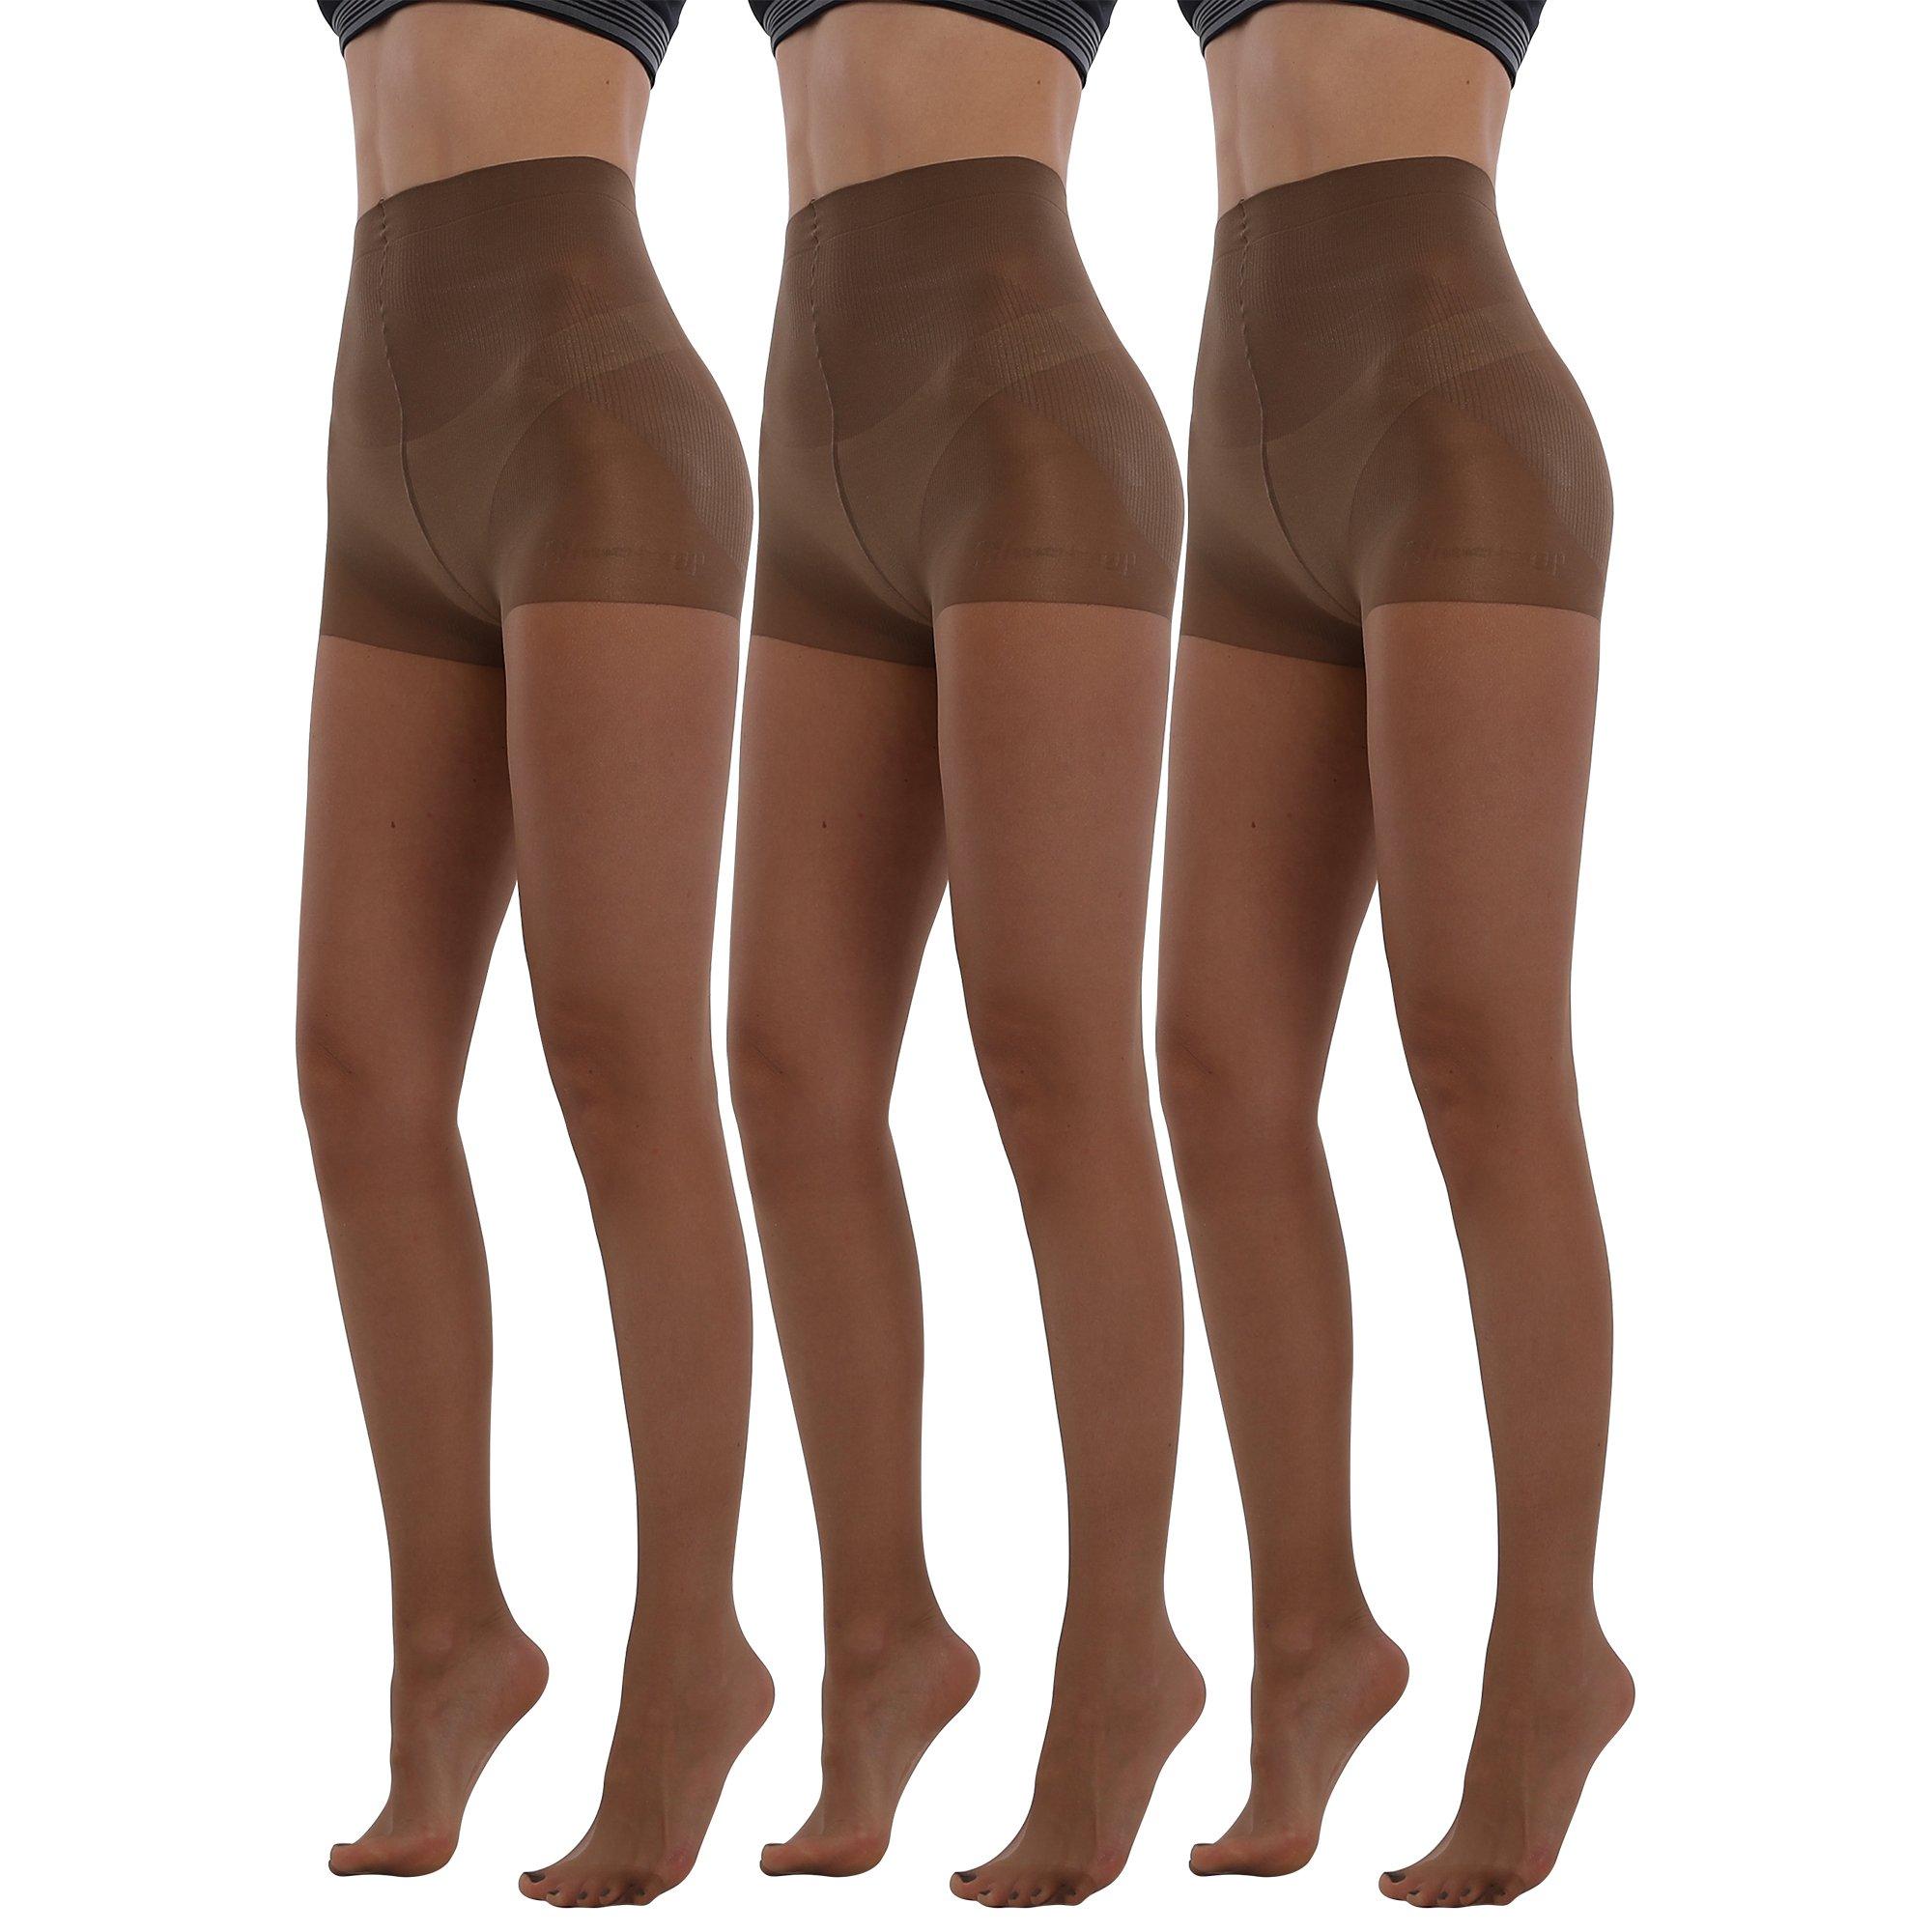 BONAS Pantyhose Denier Control Stockings